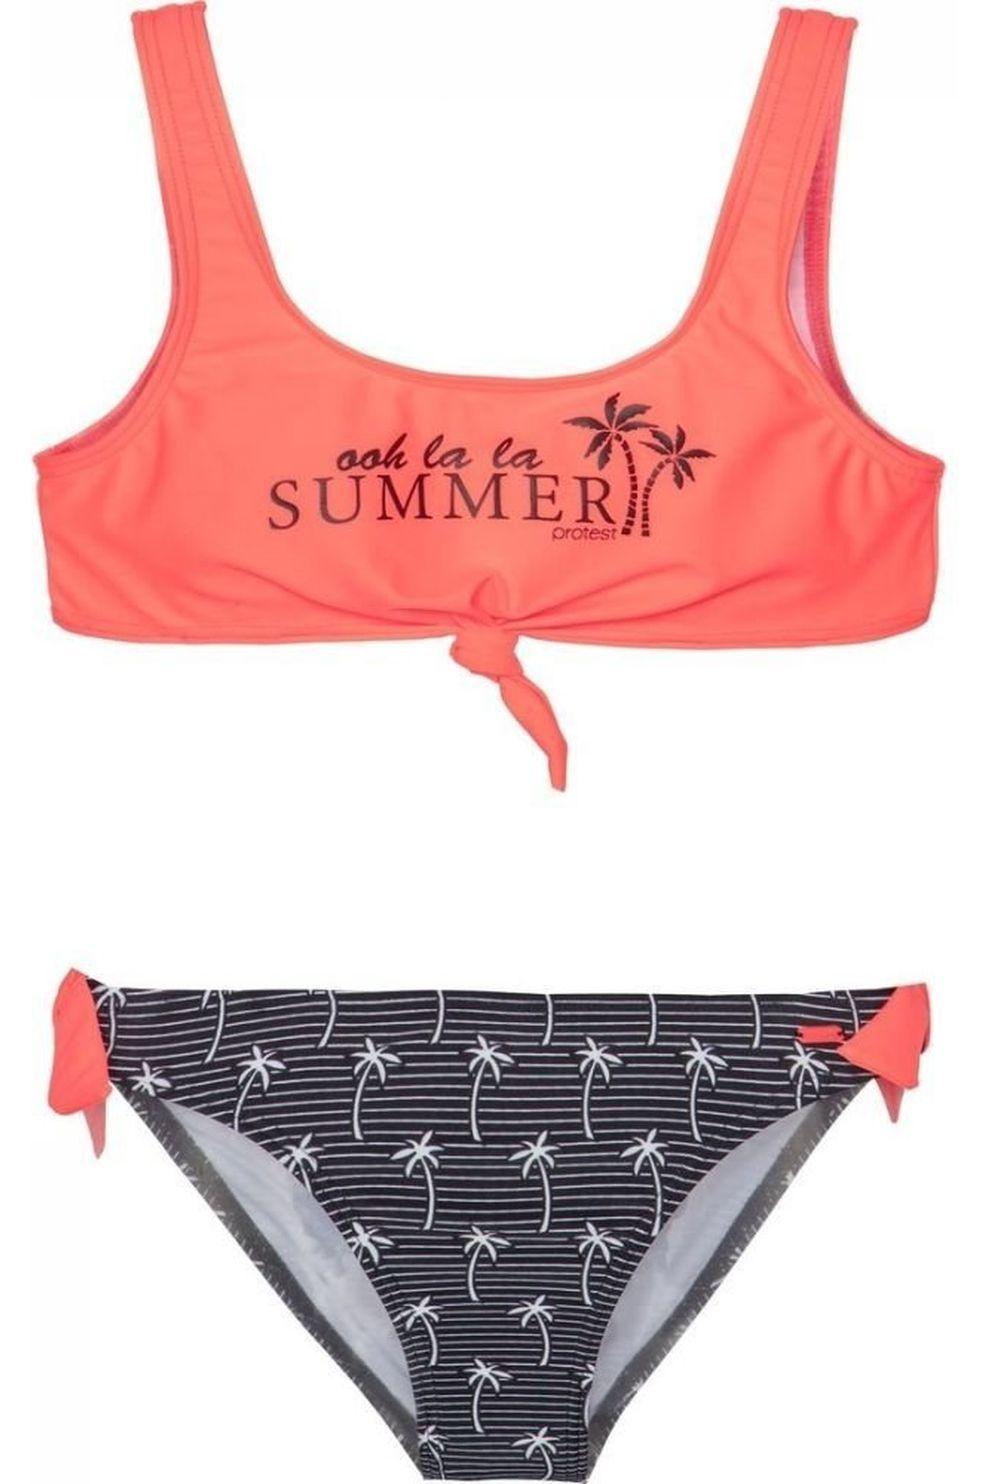 Protest Bikini Nita Jr voor meisjes - Roze/Zwart - Maat: 176